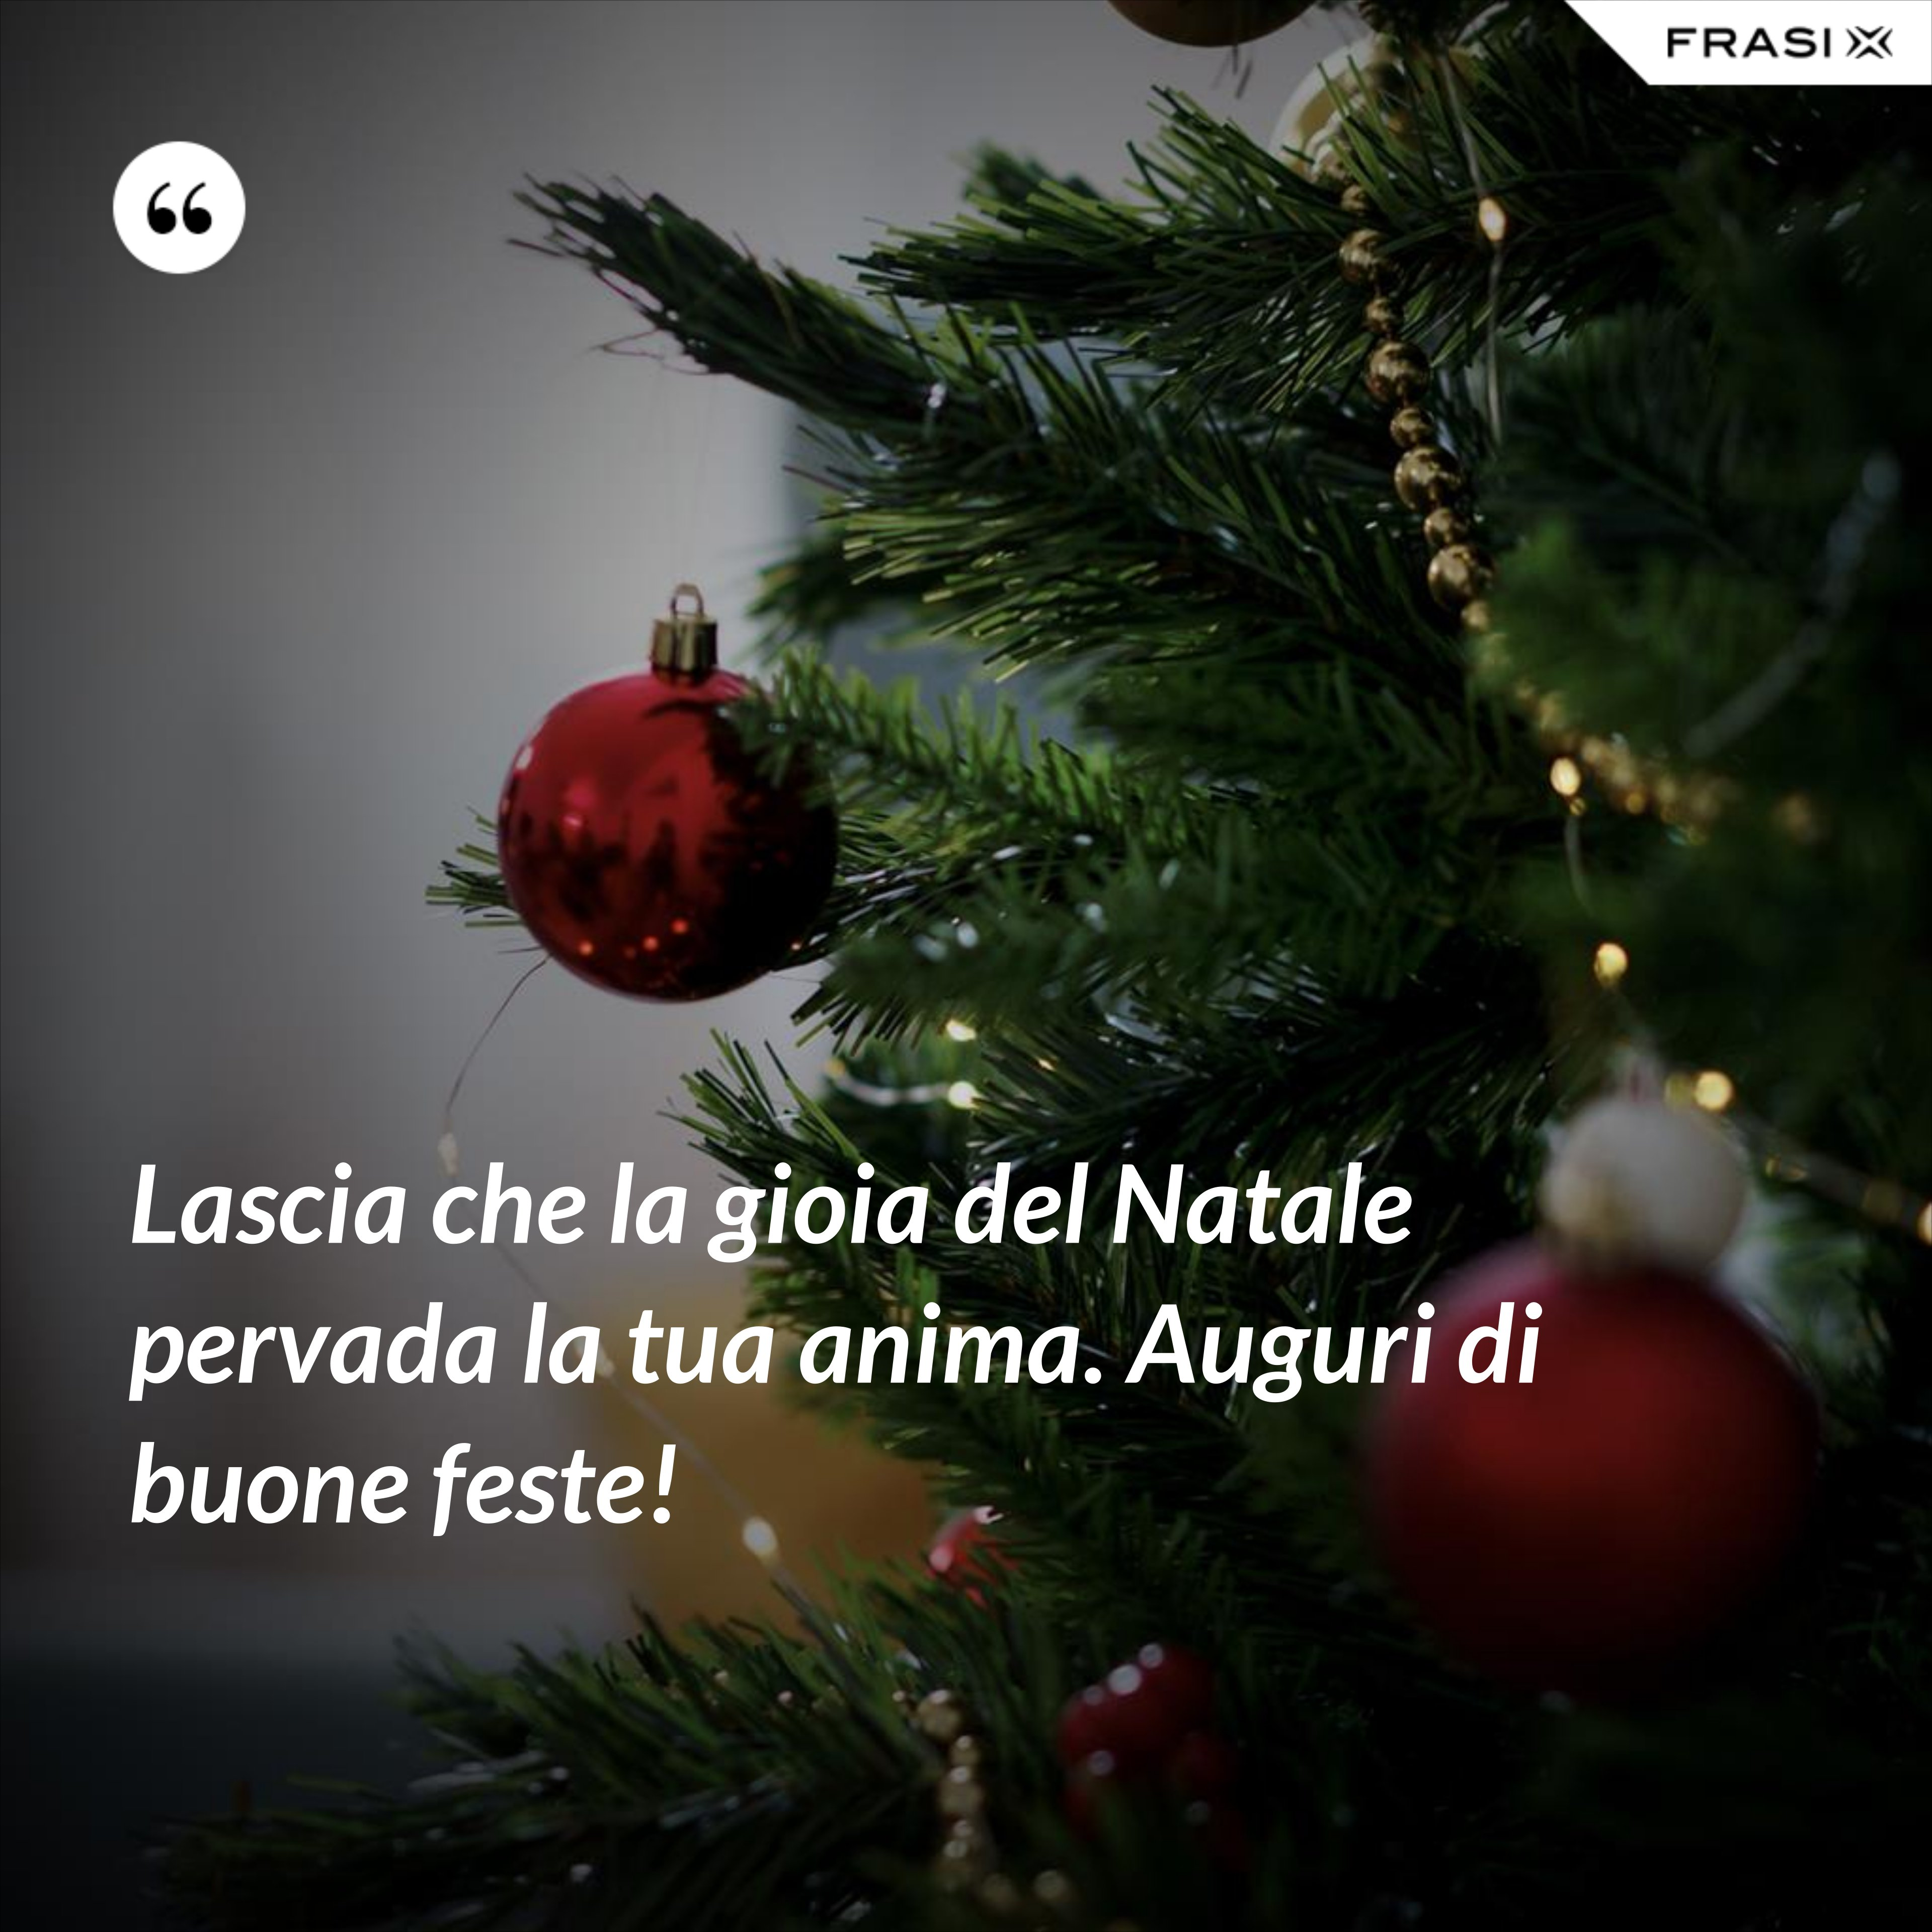 Lascia che la gioia del Natale pervada la tua anima. Auguri di buone feste! - Anonimo